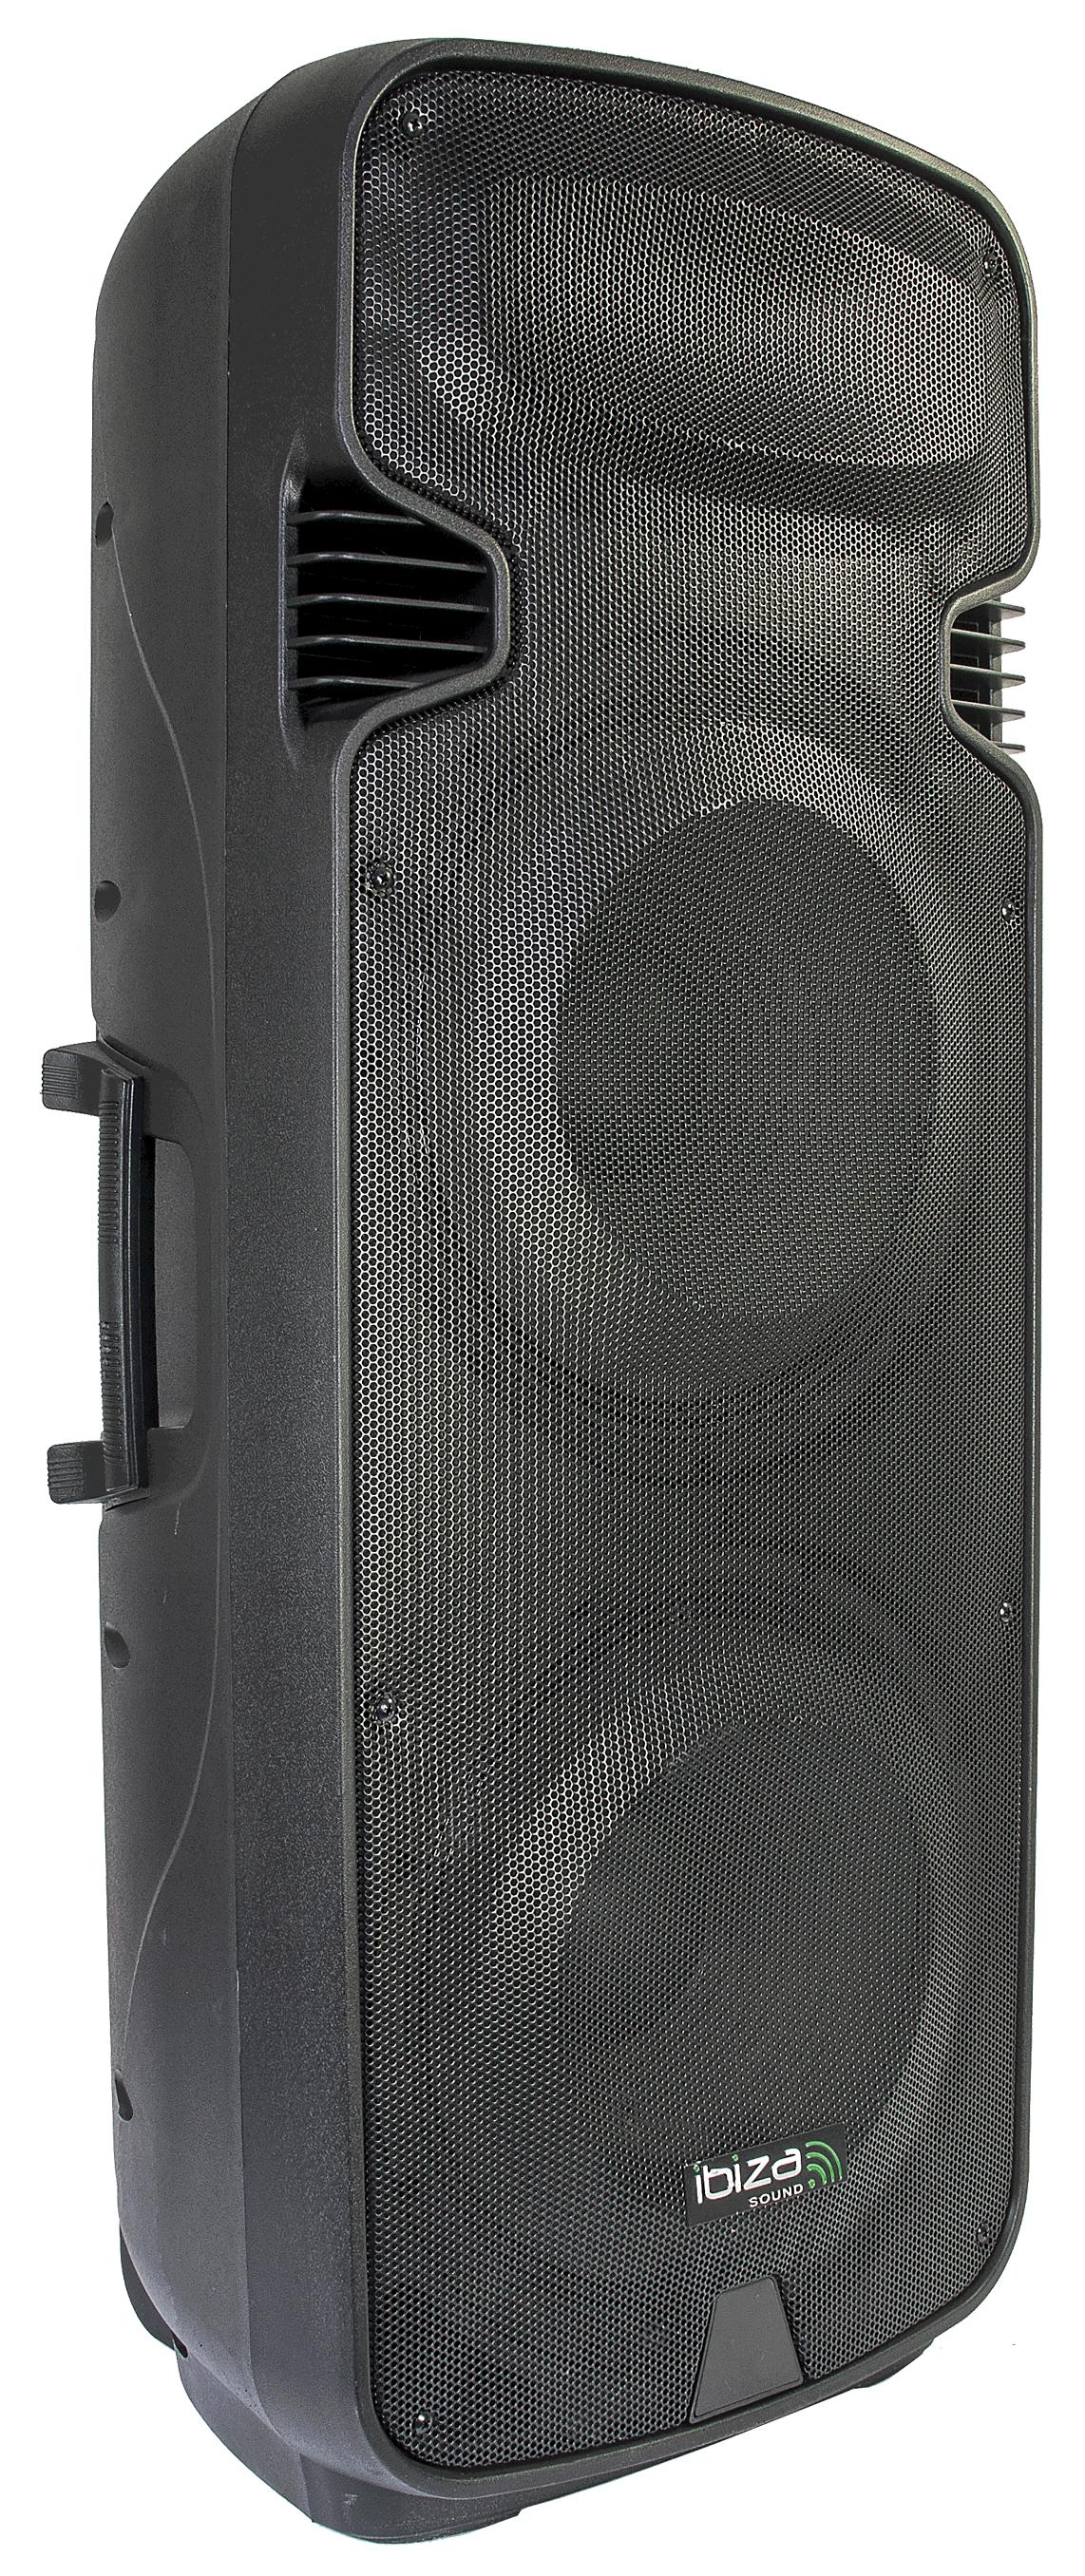 Ibiza Transportabel Stand Alone PA højttaler med USB/SD, Bluetooth og 2 mikrofoner